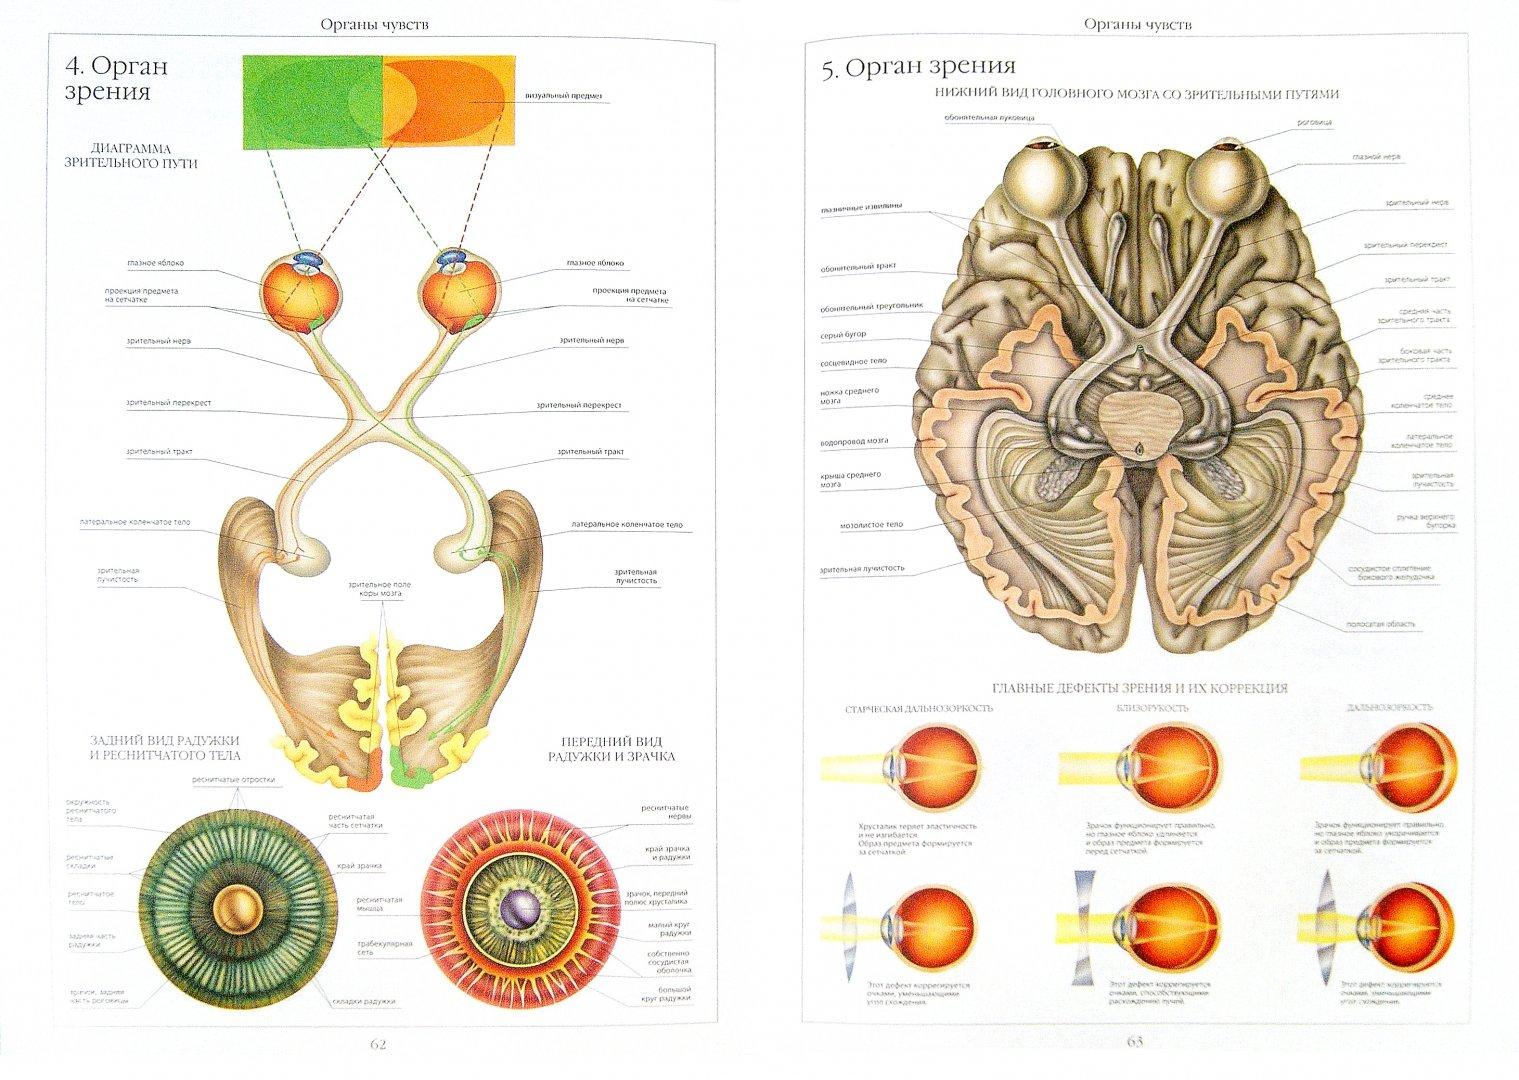 Иллюстрация 1 из 39 для Атлас анатомии человека | Лабиринт - книги. Источник: Лабиринт